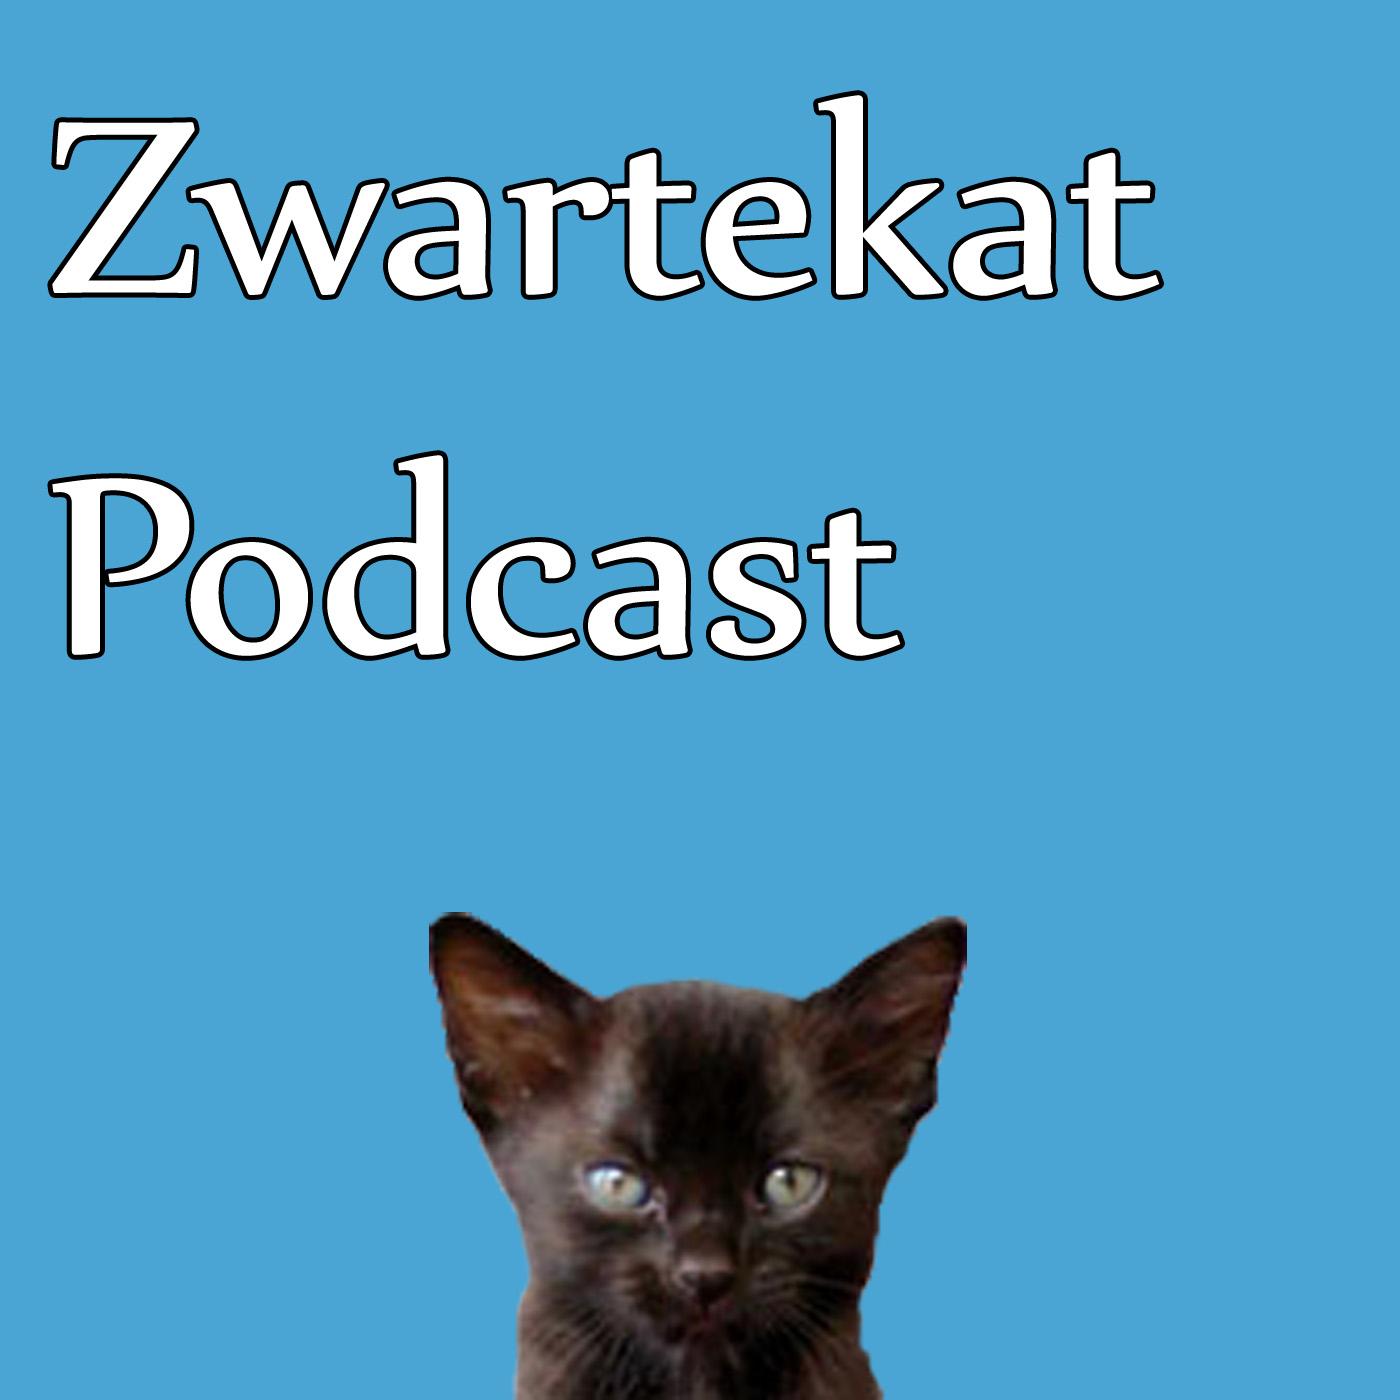 Zwartekat podcast